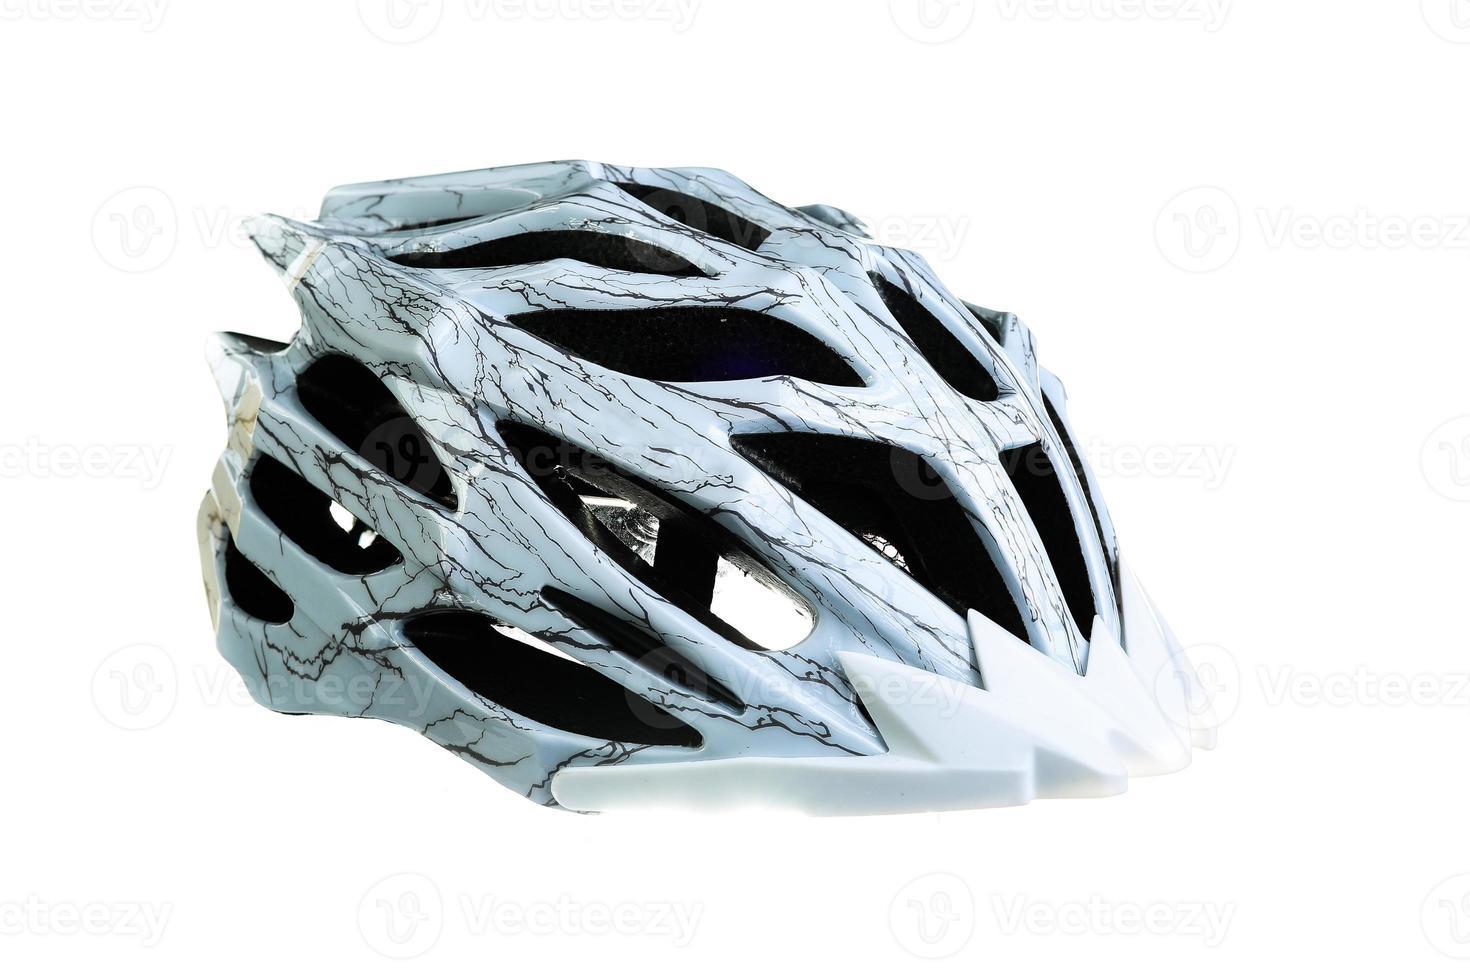 mountainbike hjälm, isolerad på vit bakgrund foto